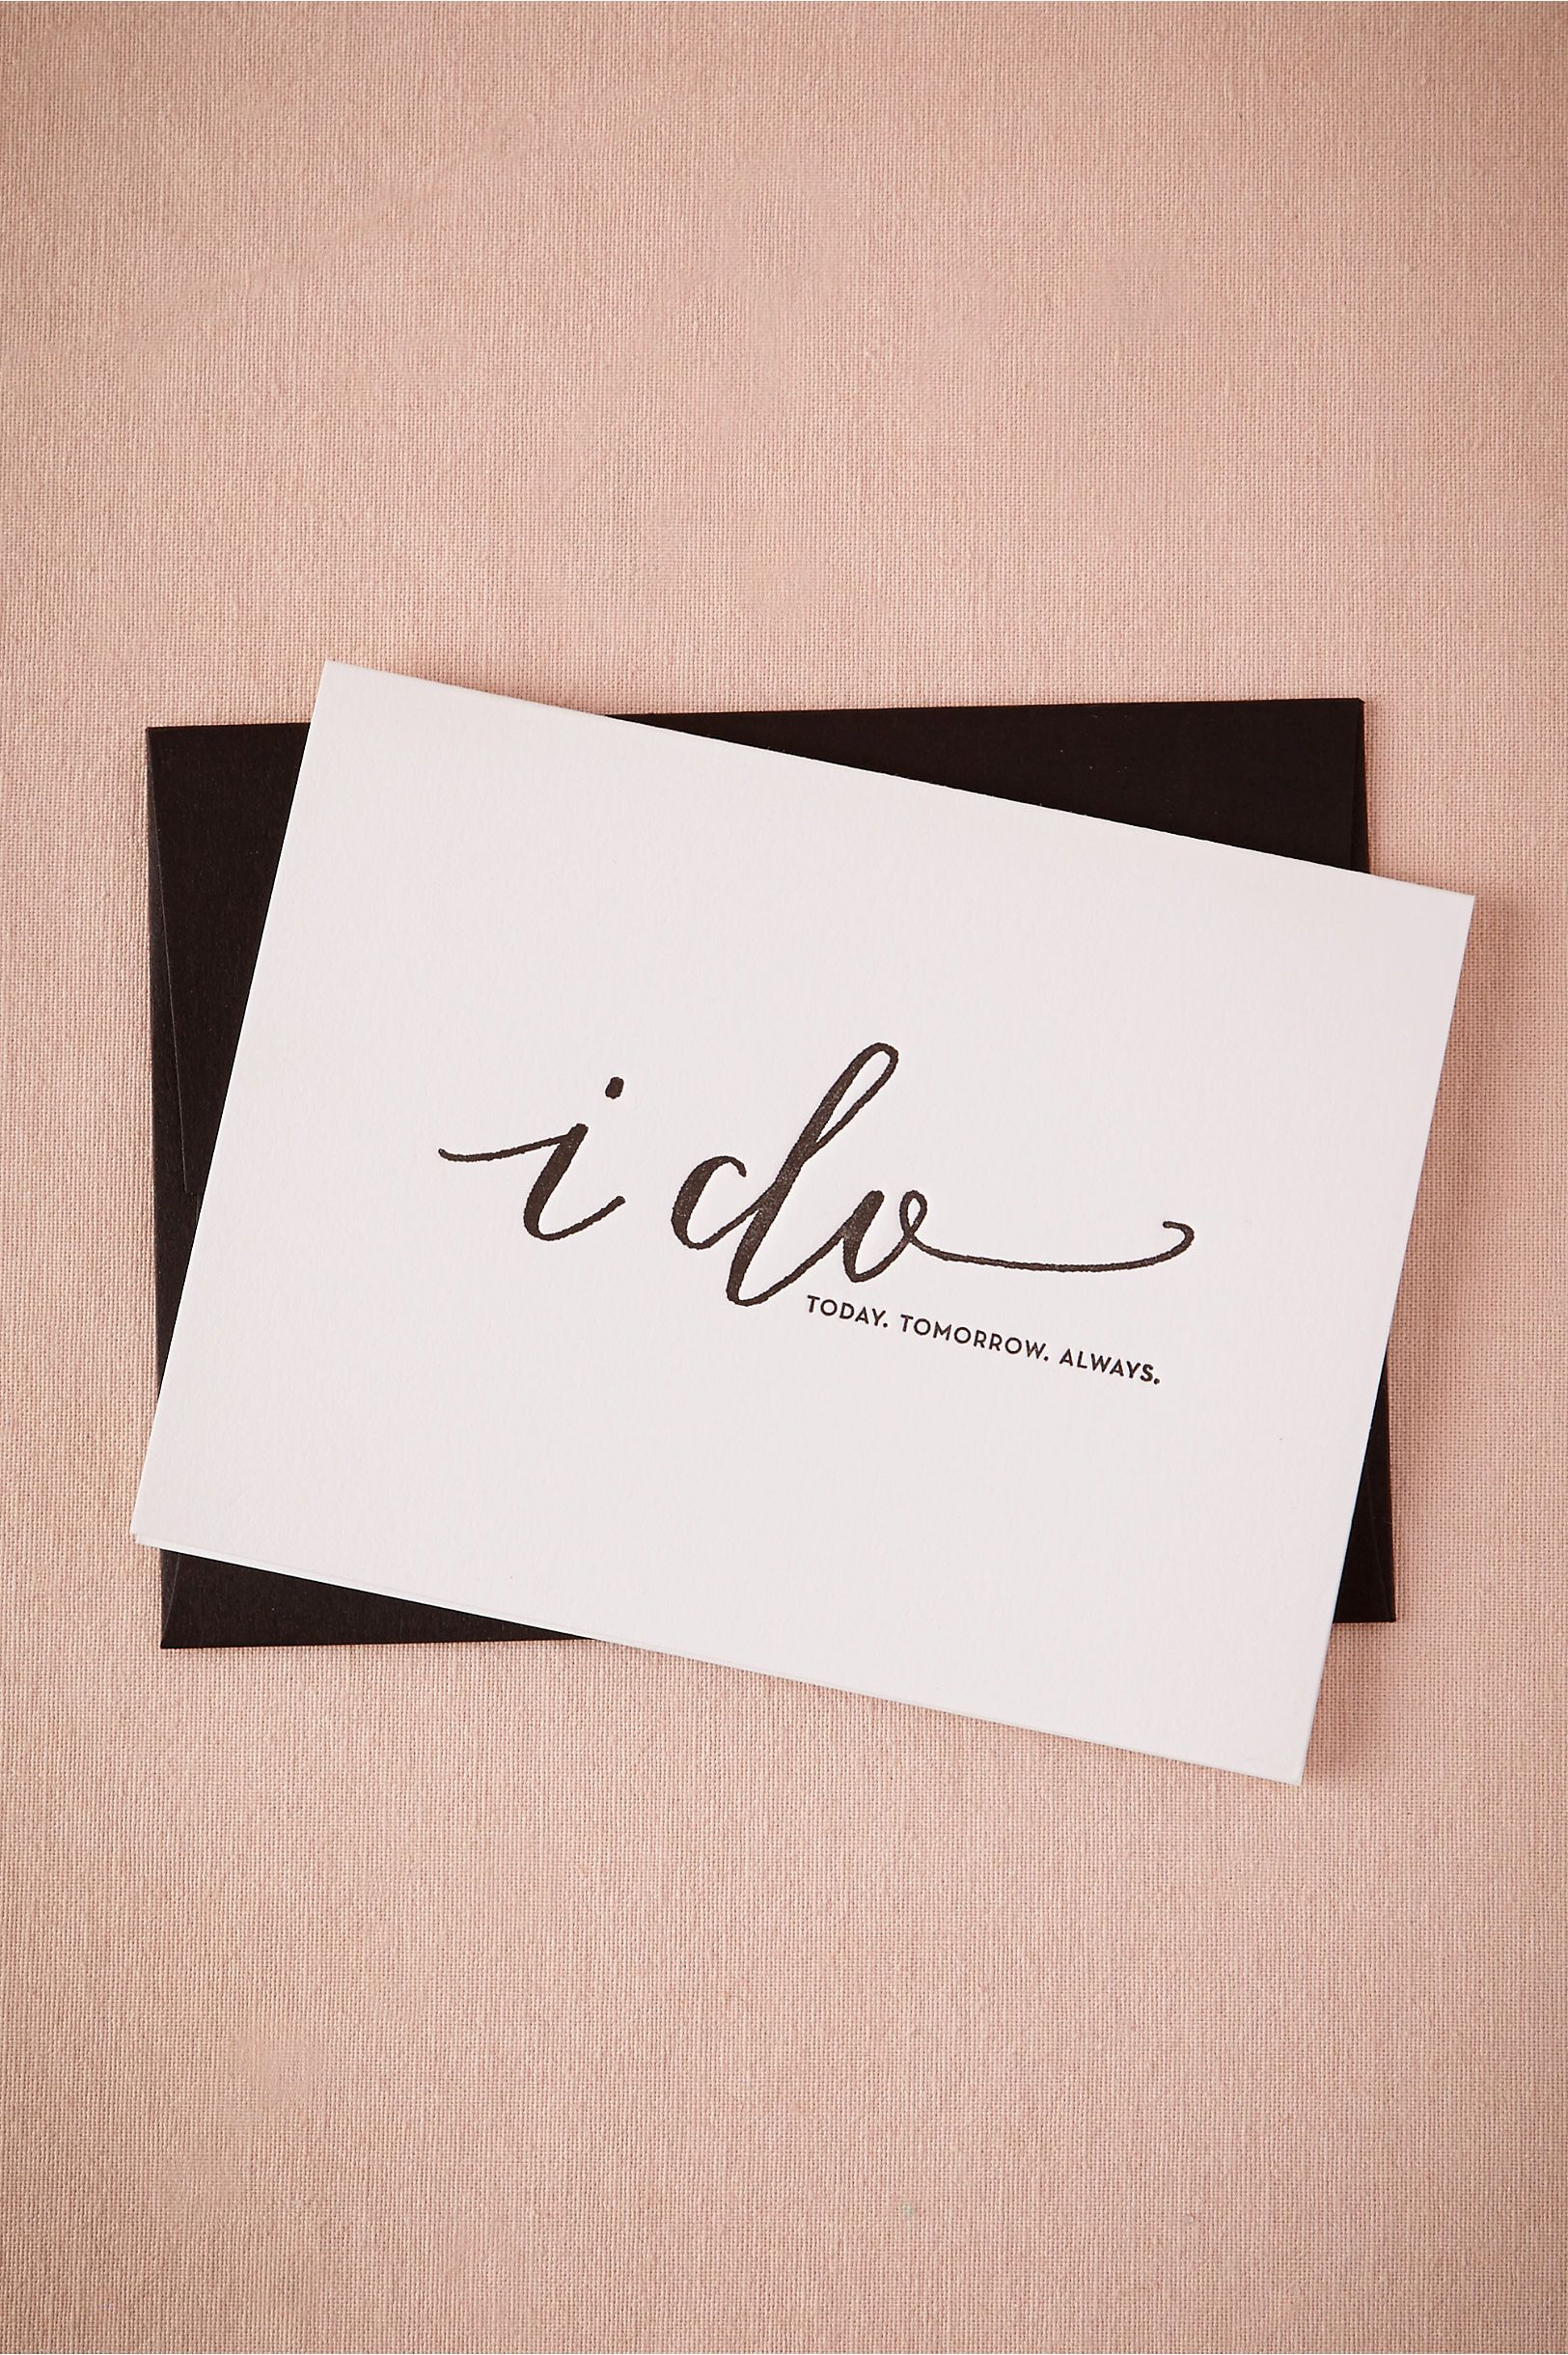 confetti daydreams wedding invitations%0A Dream wedding